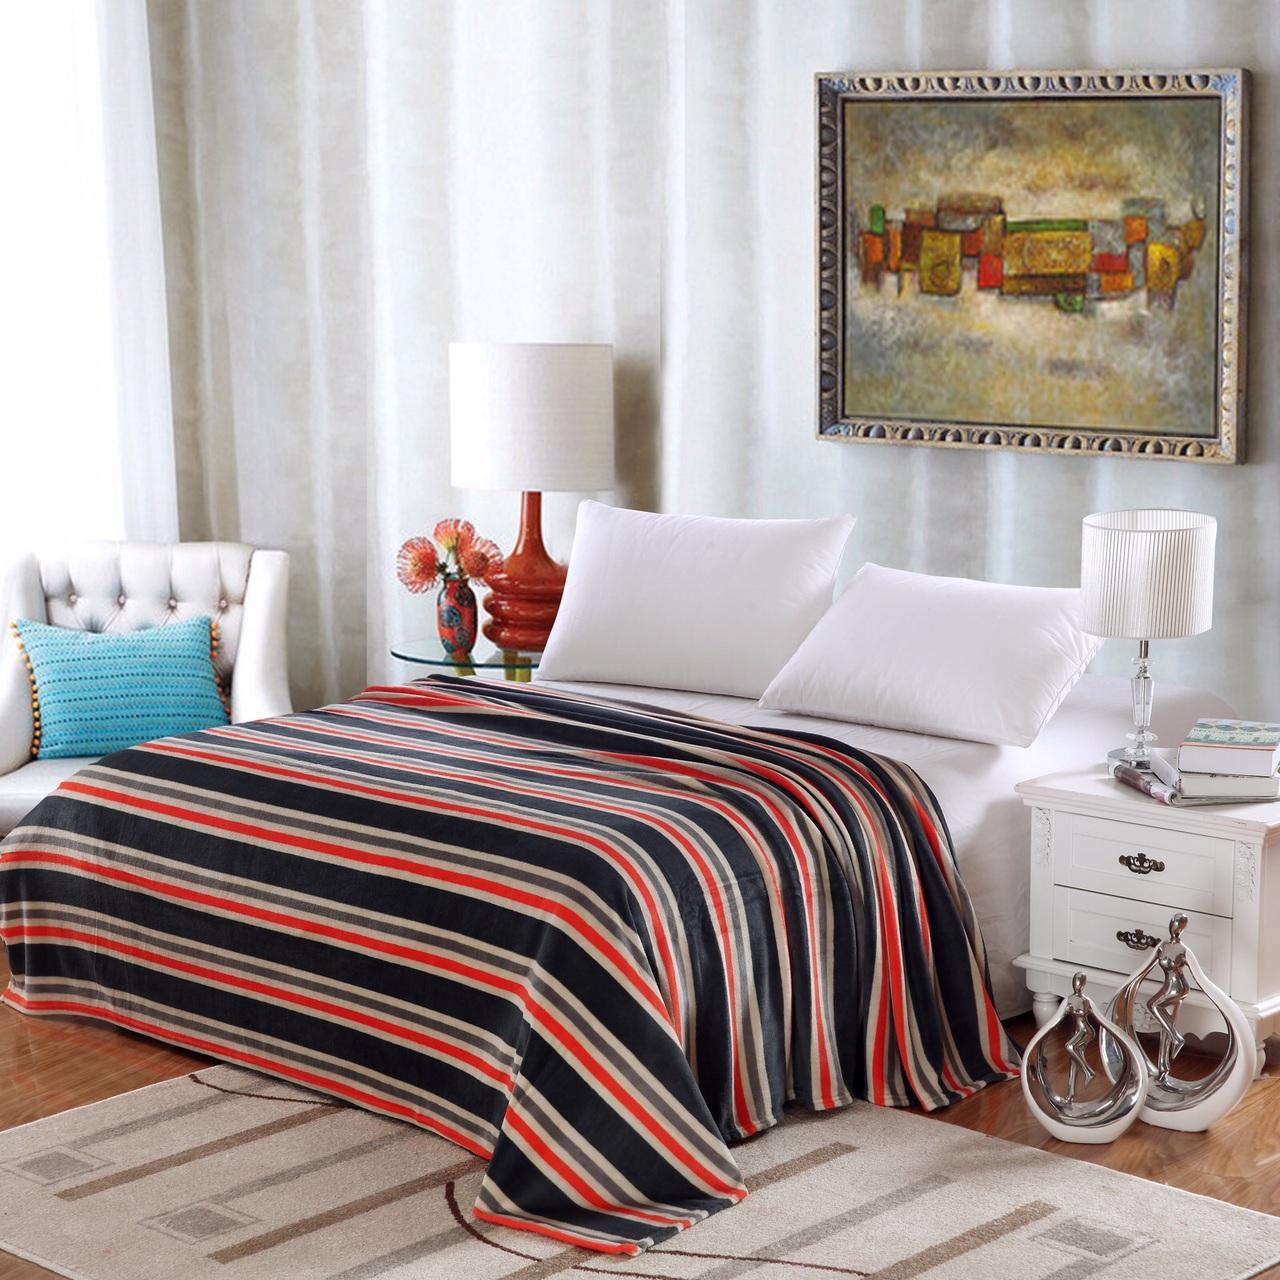 Lauren Striped Micro Fleece Jacquard Blanket, Bed Throw Blanket (Twin, Aqua) by Plazatex